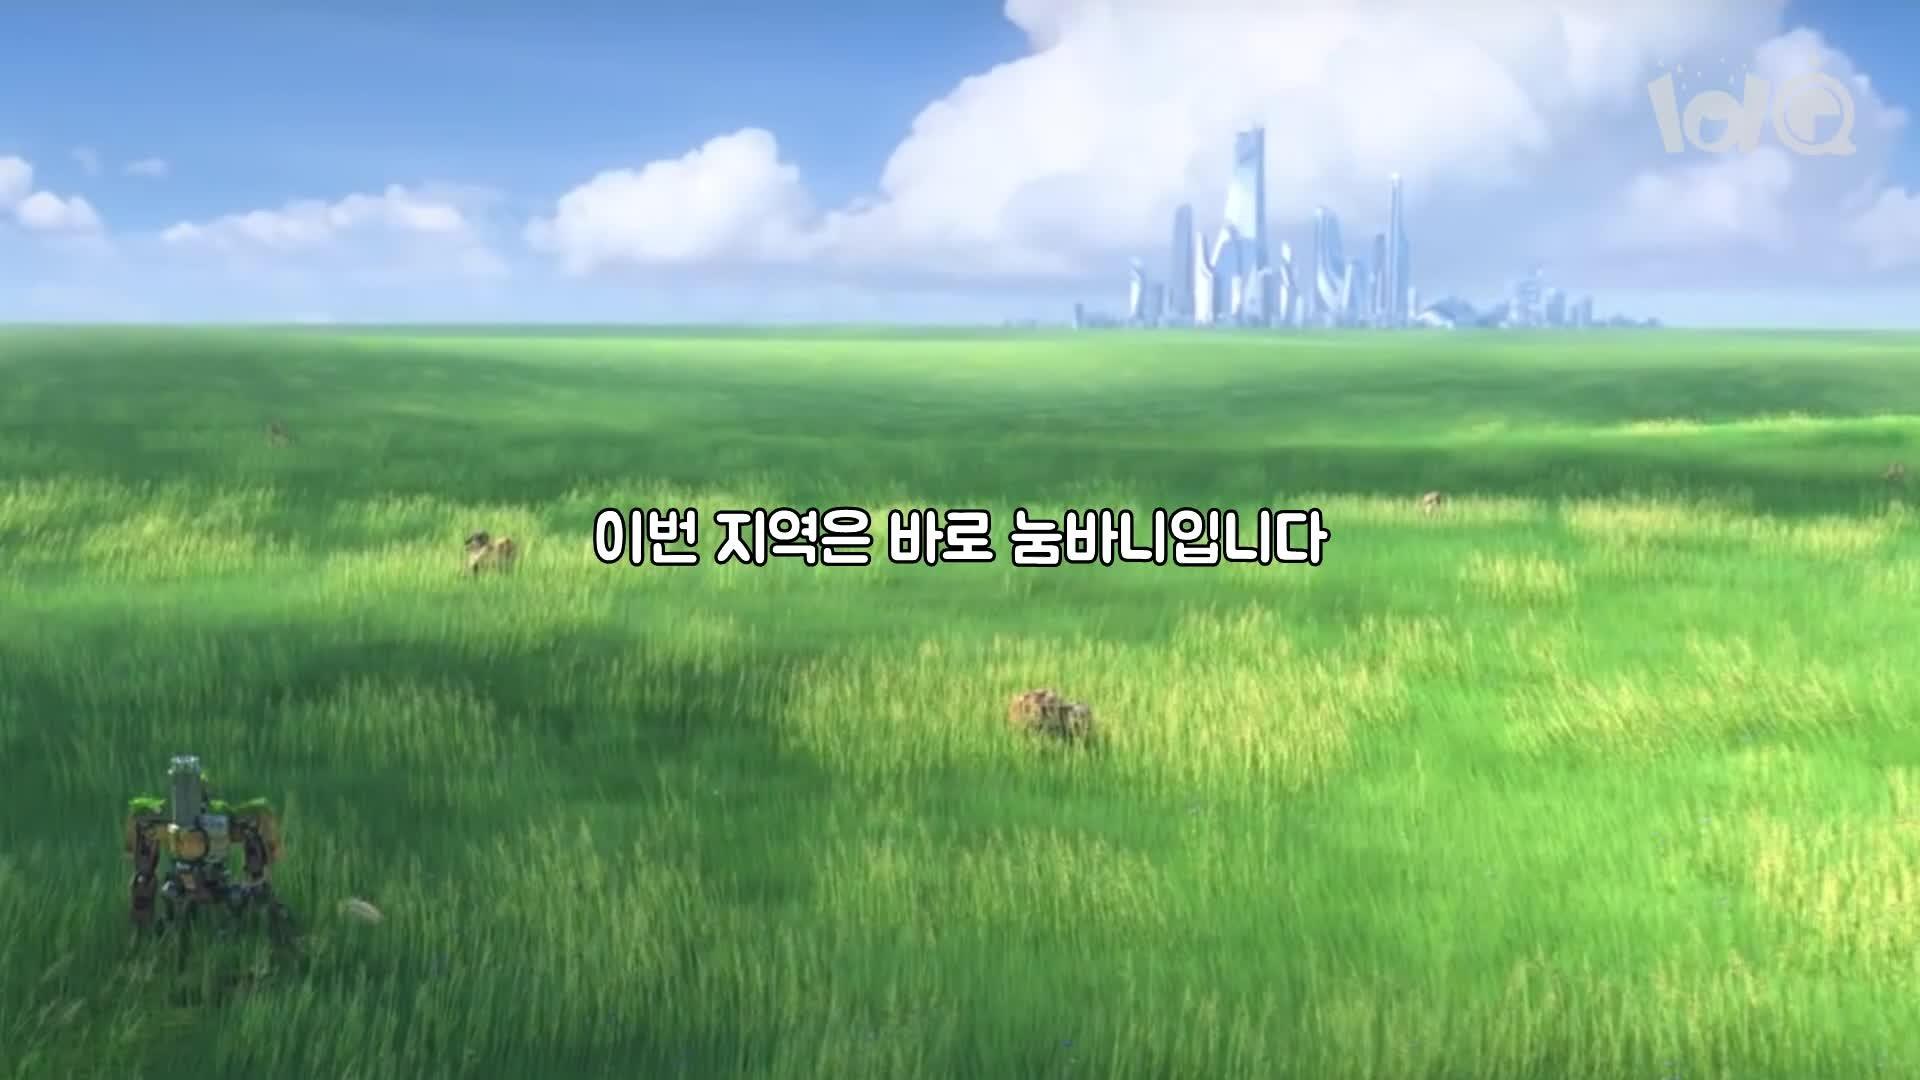 눔바니맵 둠피스트 건틀렛이 사라졌다?! / 따끈따끈 신규영웅 떡밥 정리 | lolQ 롤큐